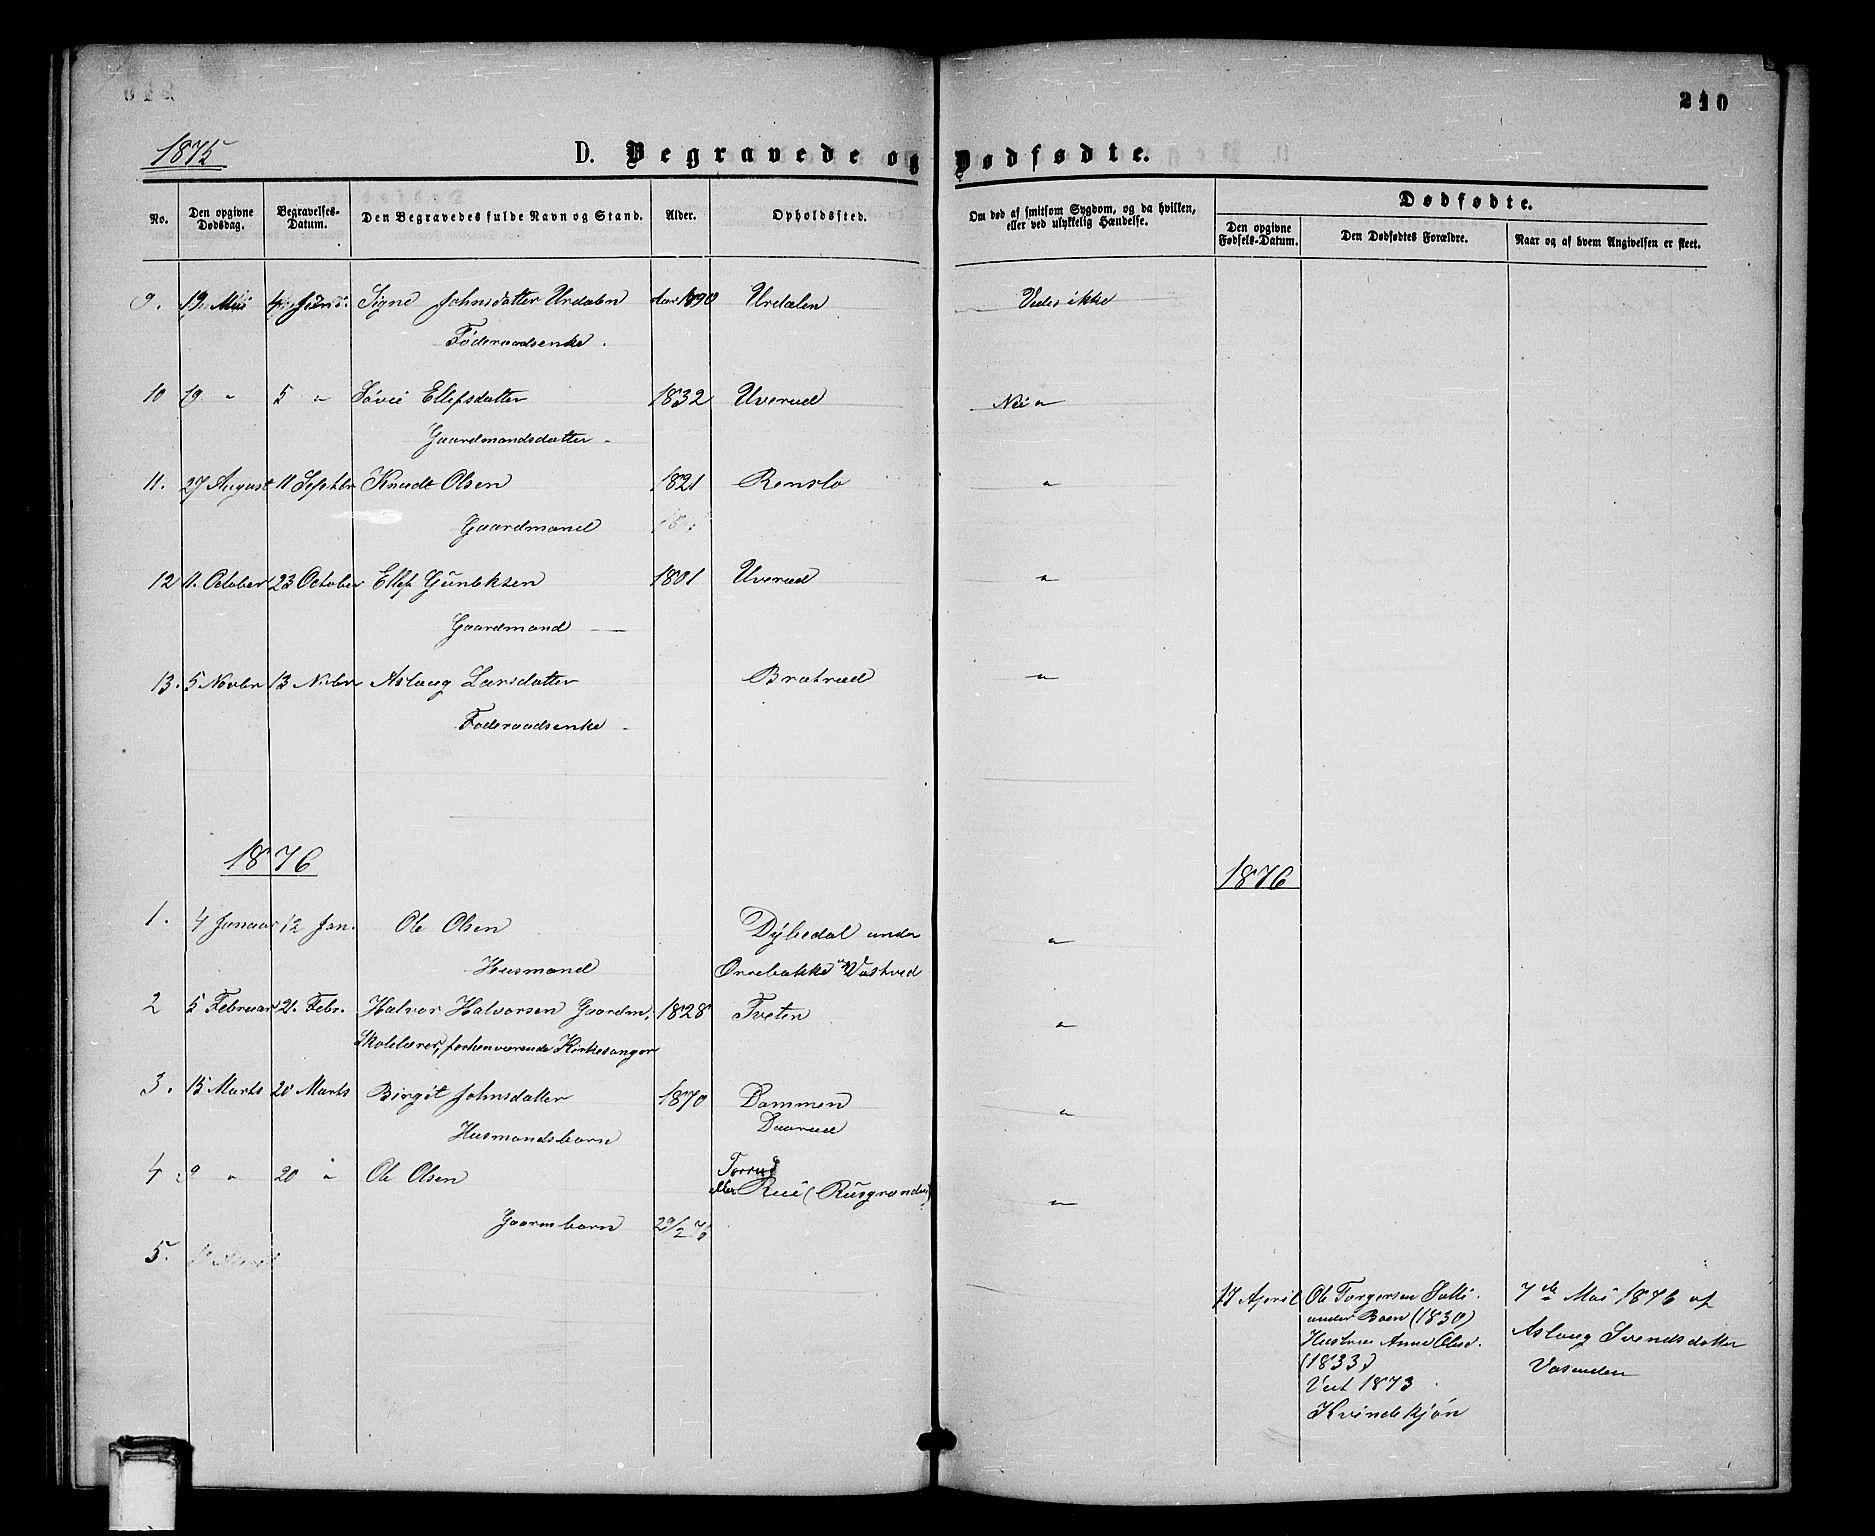 SAKO, Gransherad kirkebøker, G/Gb/L0002: Klokkerbok nr. II 2, 1860-1886, s. 210